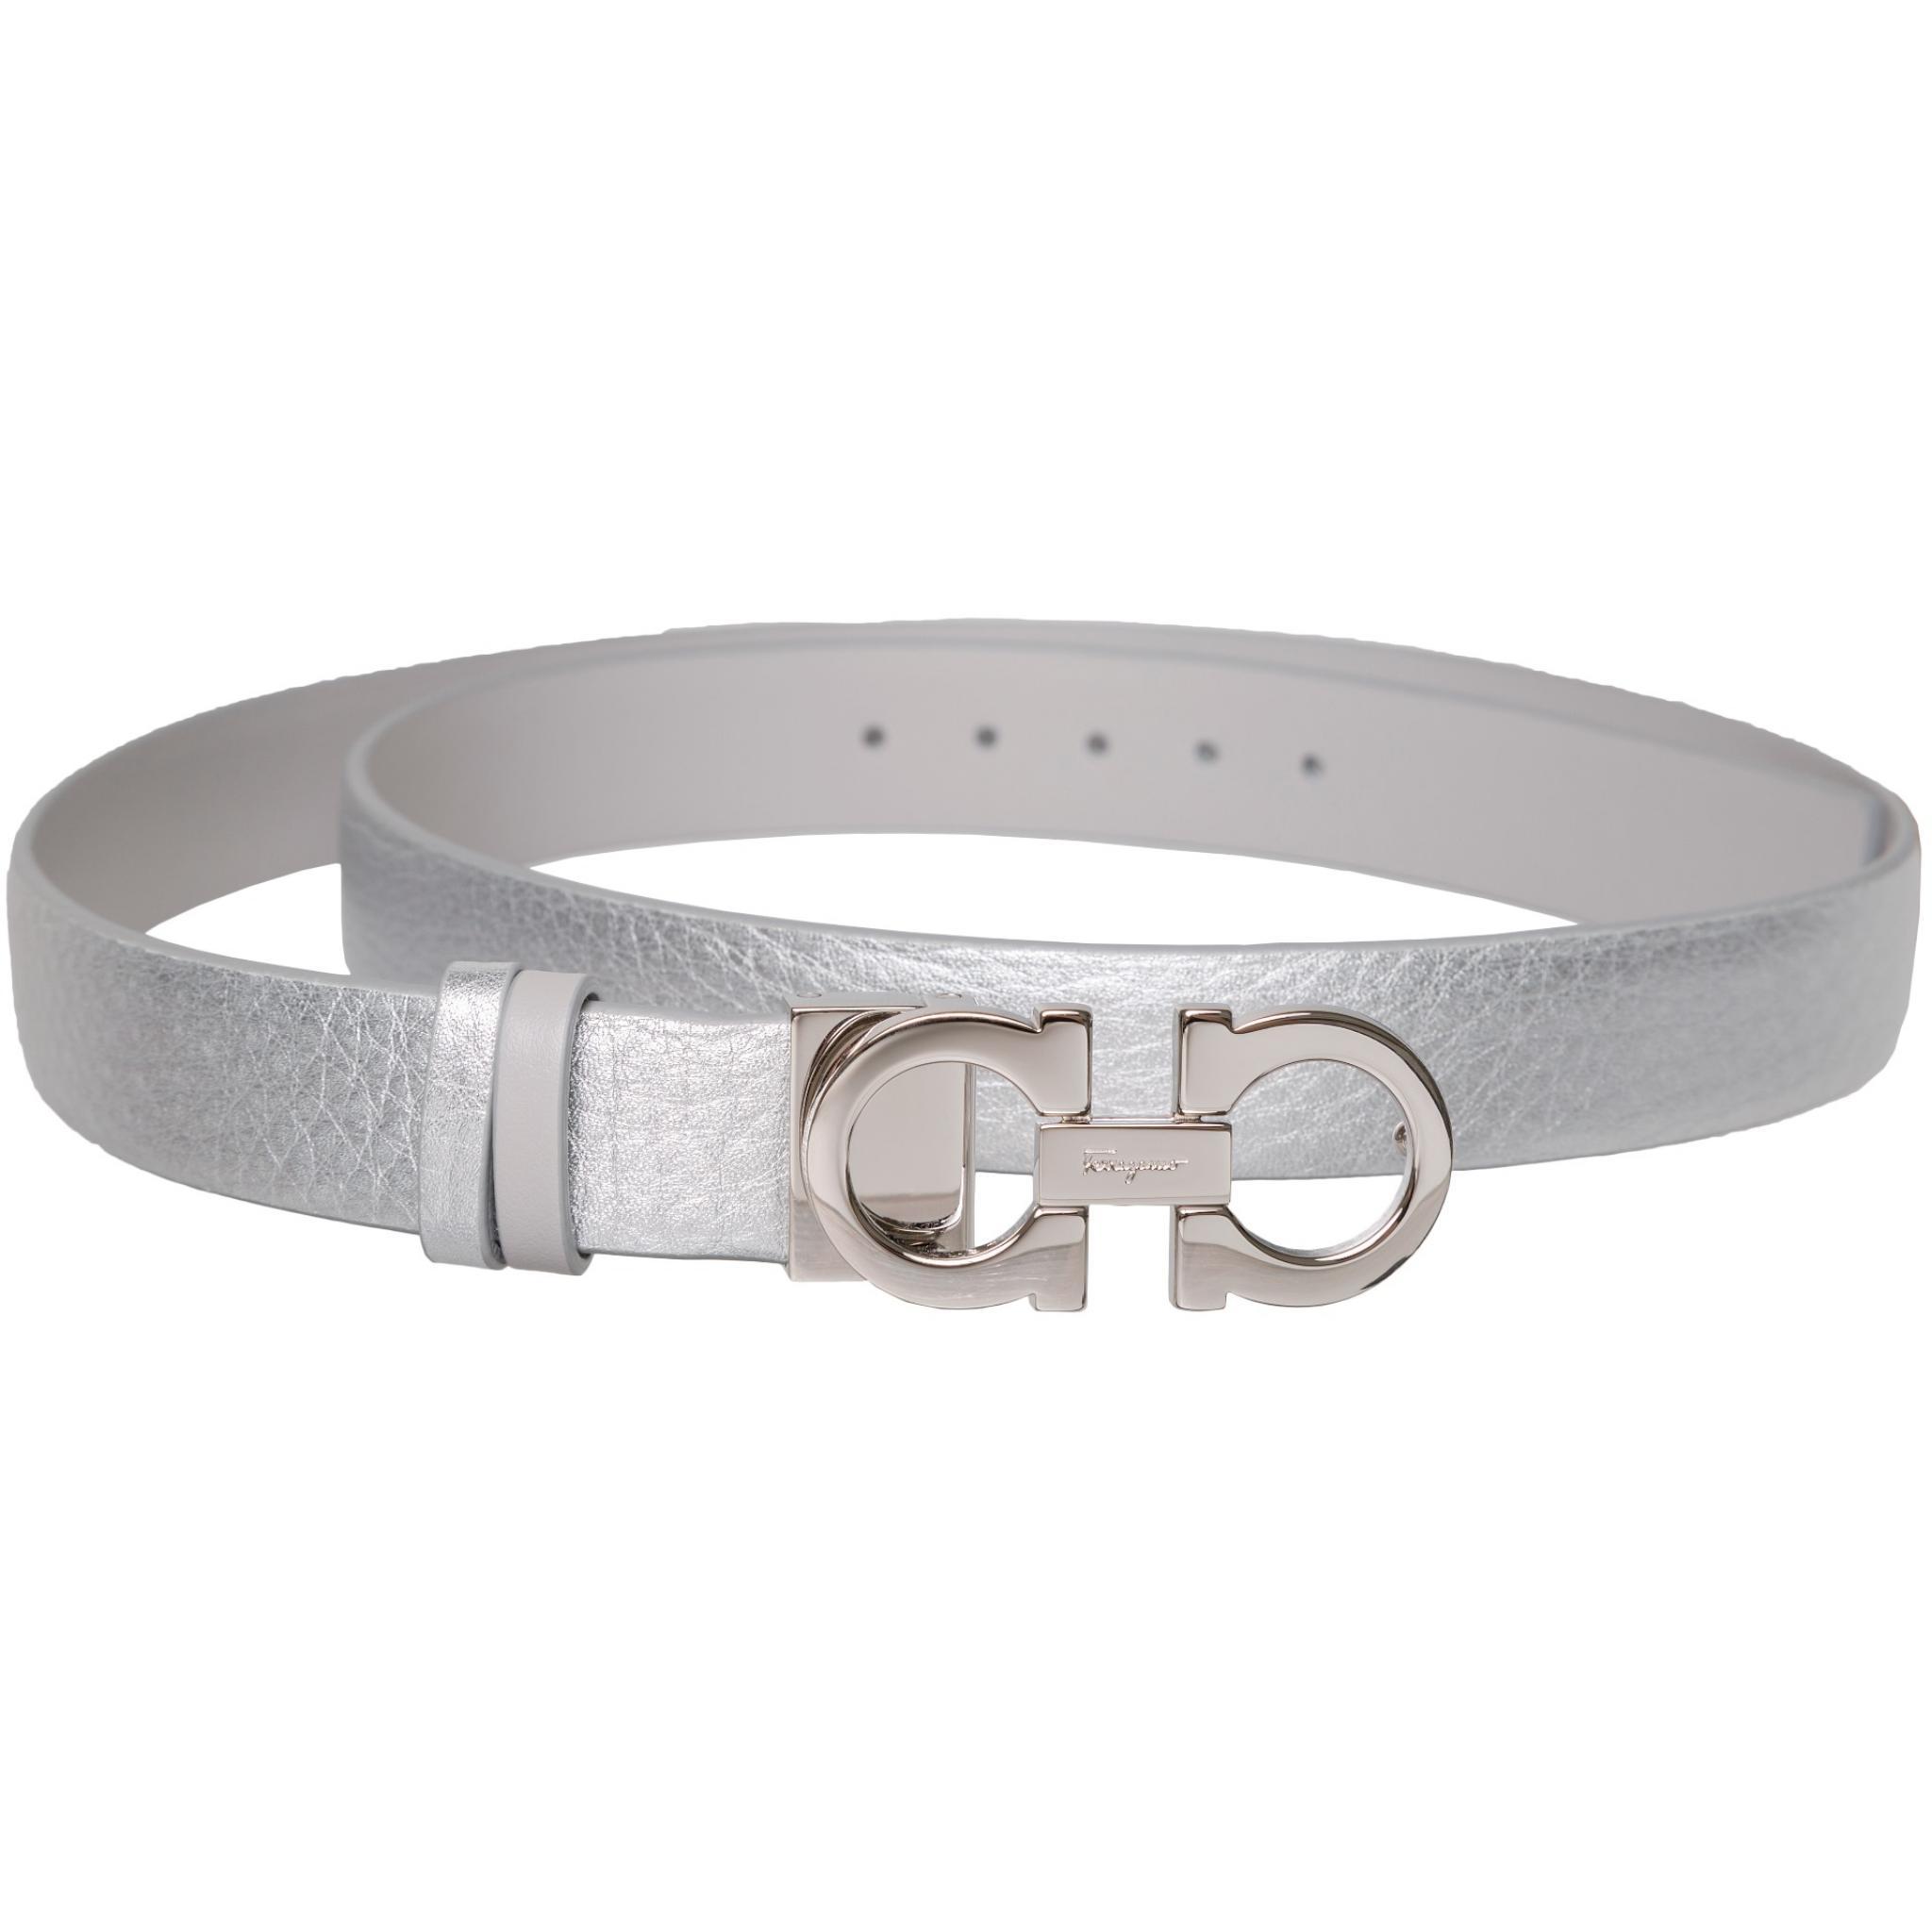 Metallicleder-Gürtel mit Logo-Schnallenschließe-0